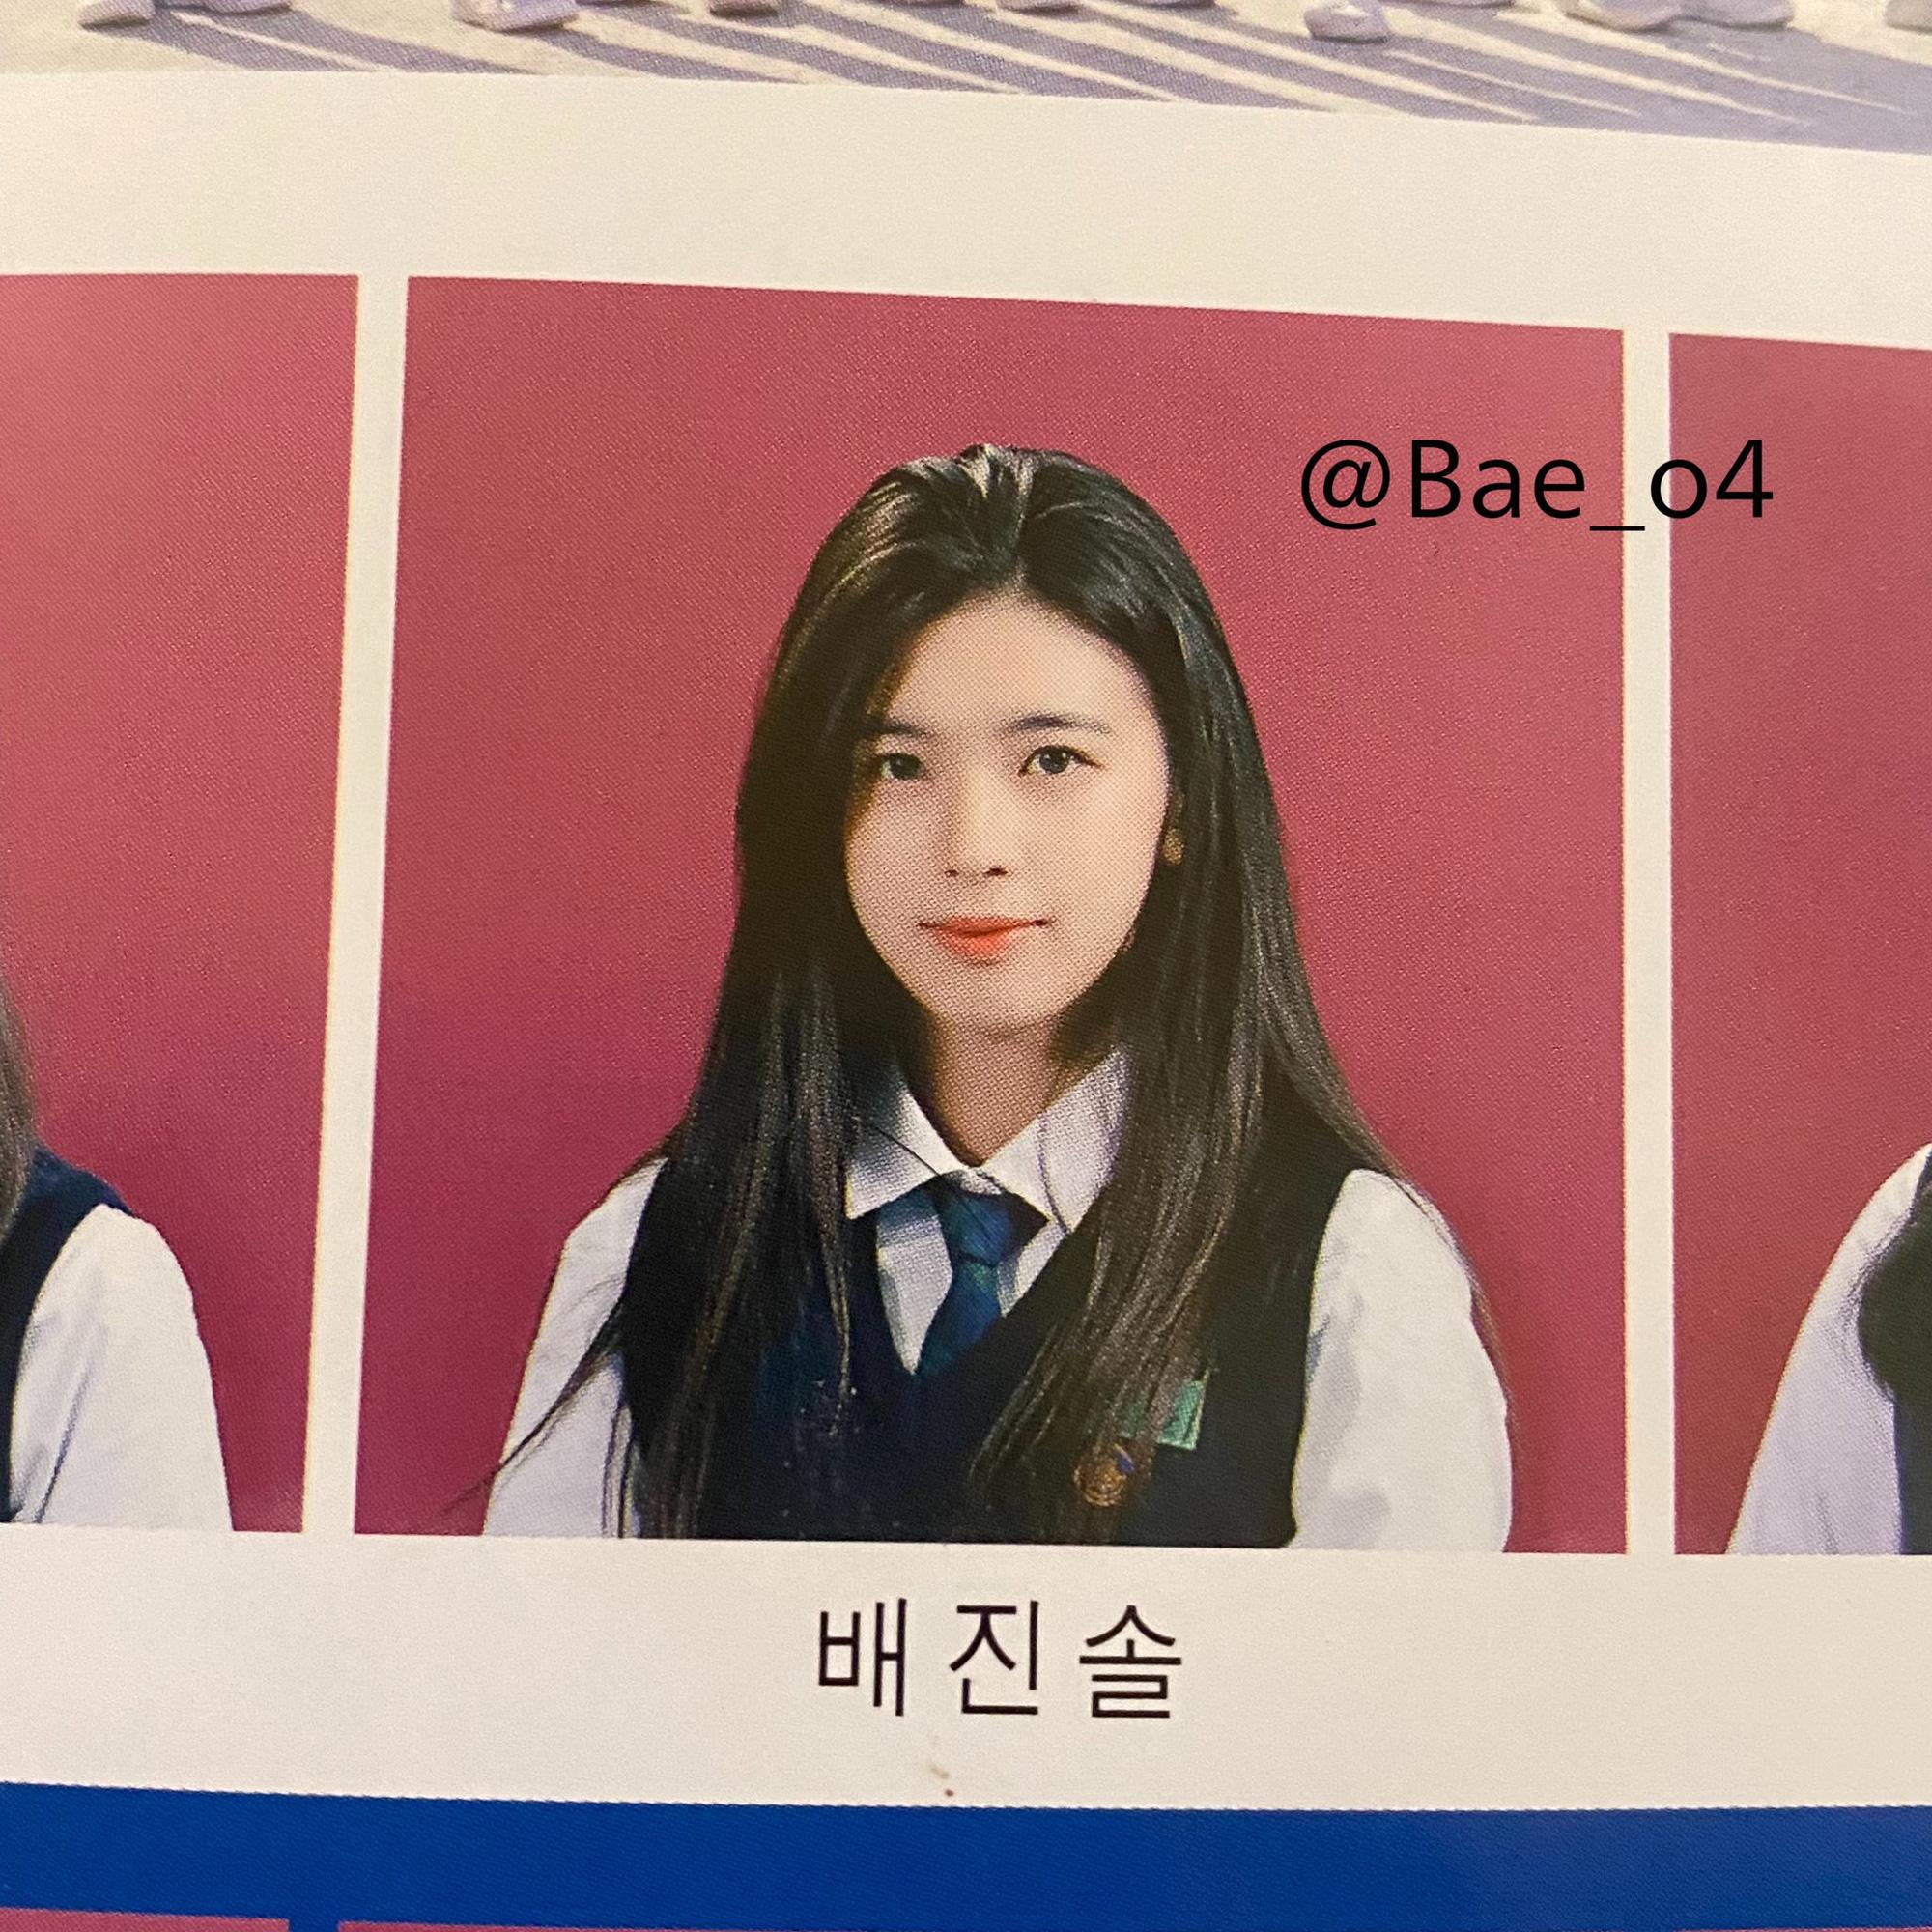 Tân binh JYP nhăm nhe ngôi nữ thần Kpop mới với nhan sắc như Suzy - Ryujin (ITZY), đến ảnh thẻ còn xinh ngất ngây - Ảnh 6.